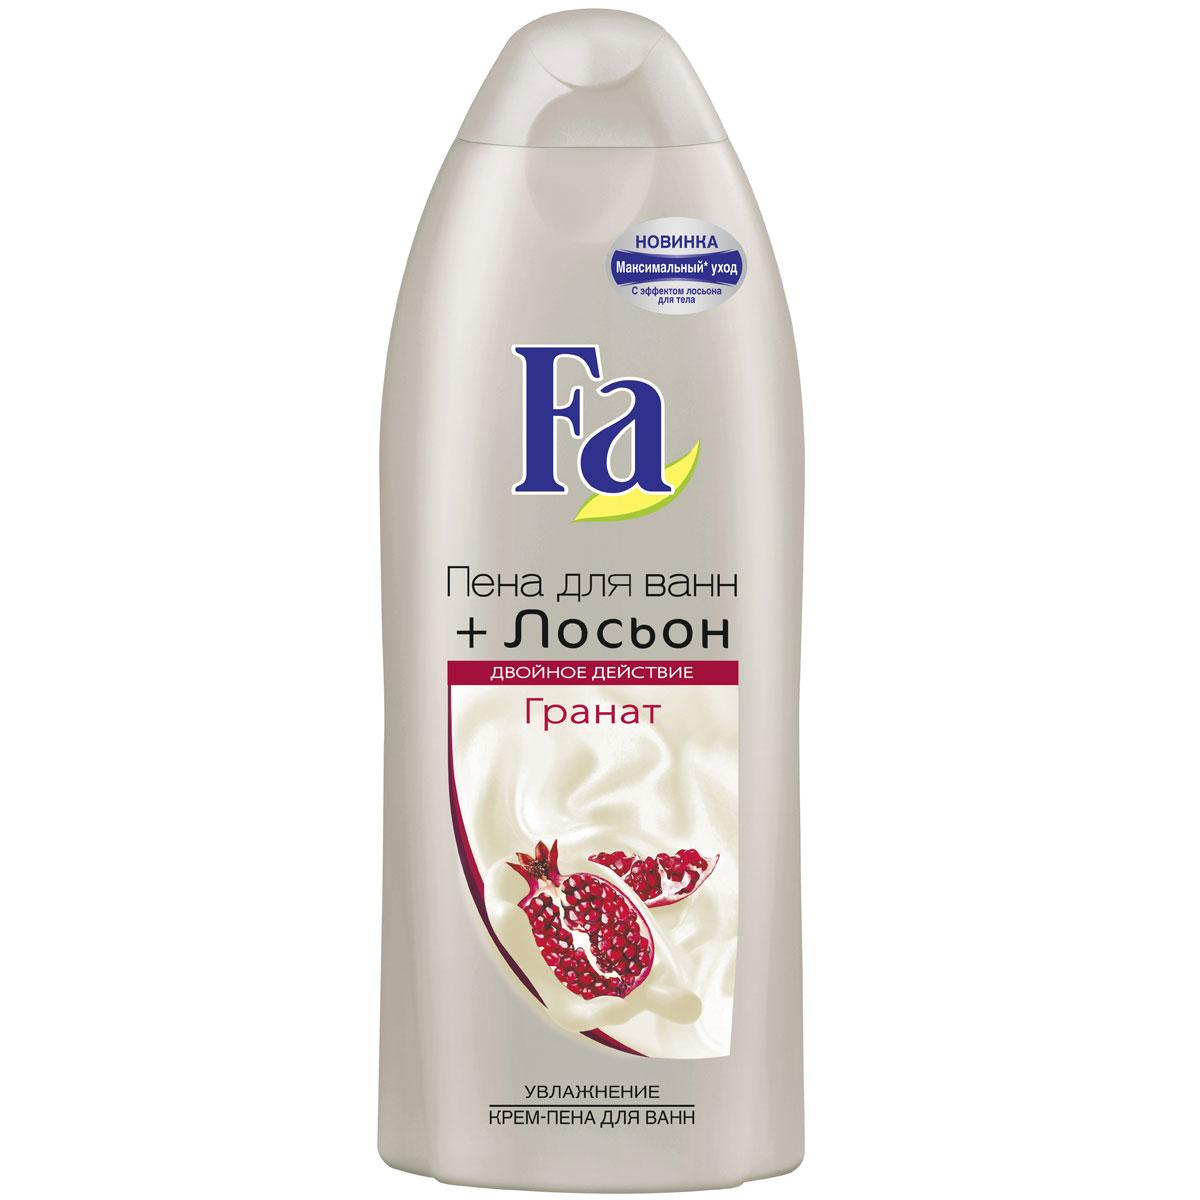 Fa Крем-пена для ванн Гранат, увлажняющий , 500 мл12031375Откройте для себя ощущение невероятно нежной кожи с Fa Пена+Лосьон. Крем-пена для ванн, обогащенная лосьоном для тела, обеспечивает двойное действие: интенсивно увлажняет Вашу кожу и делает ее необыкновенно мягкой и гладкой. Вдохновляющий аромат граната взволнует Ваши чувства. Хорошая переносимость кожей подтверждена дерматологами.